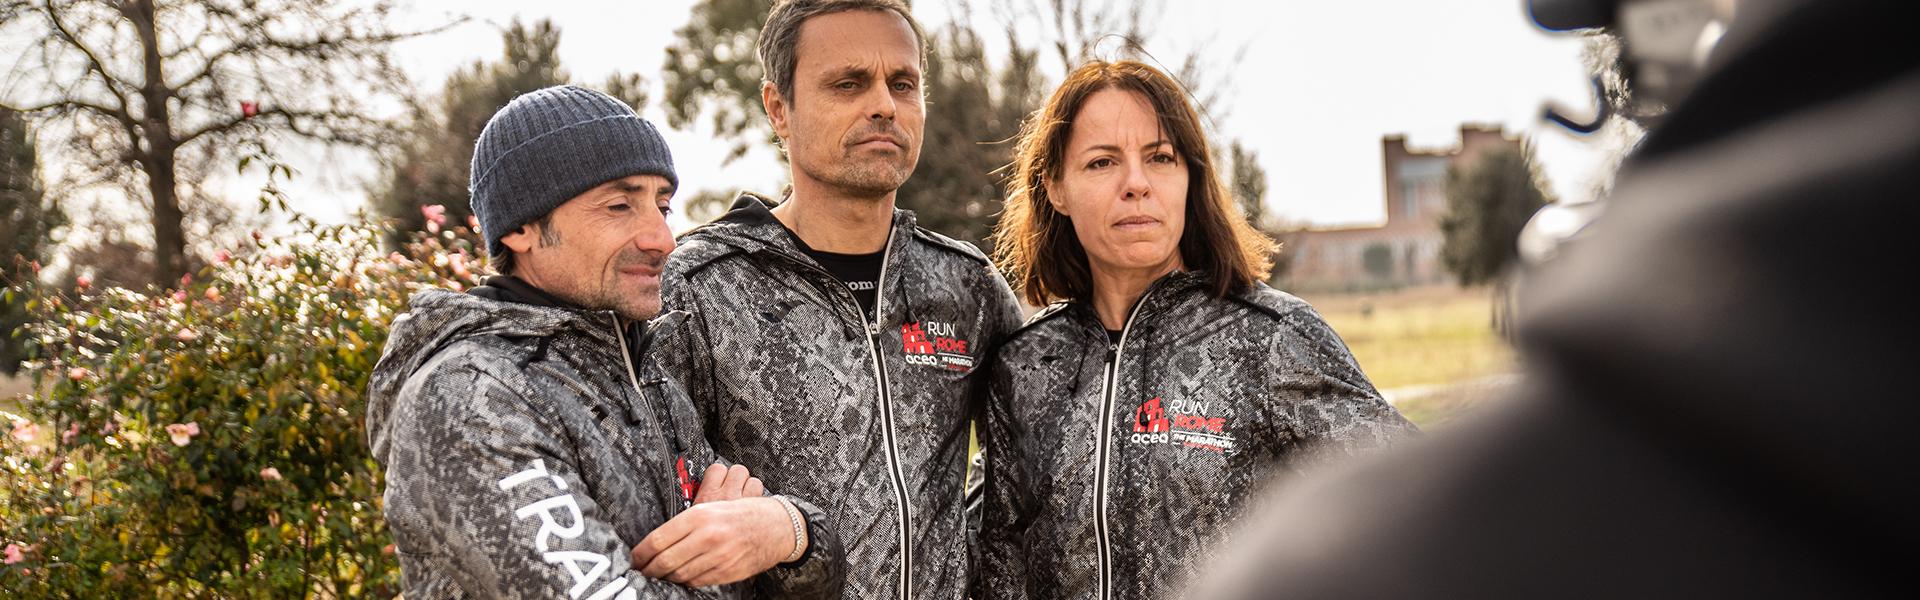 A Milano il 22 febbraio gli allenaementi Acea Run Rome The Marathon 'Get Ready'